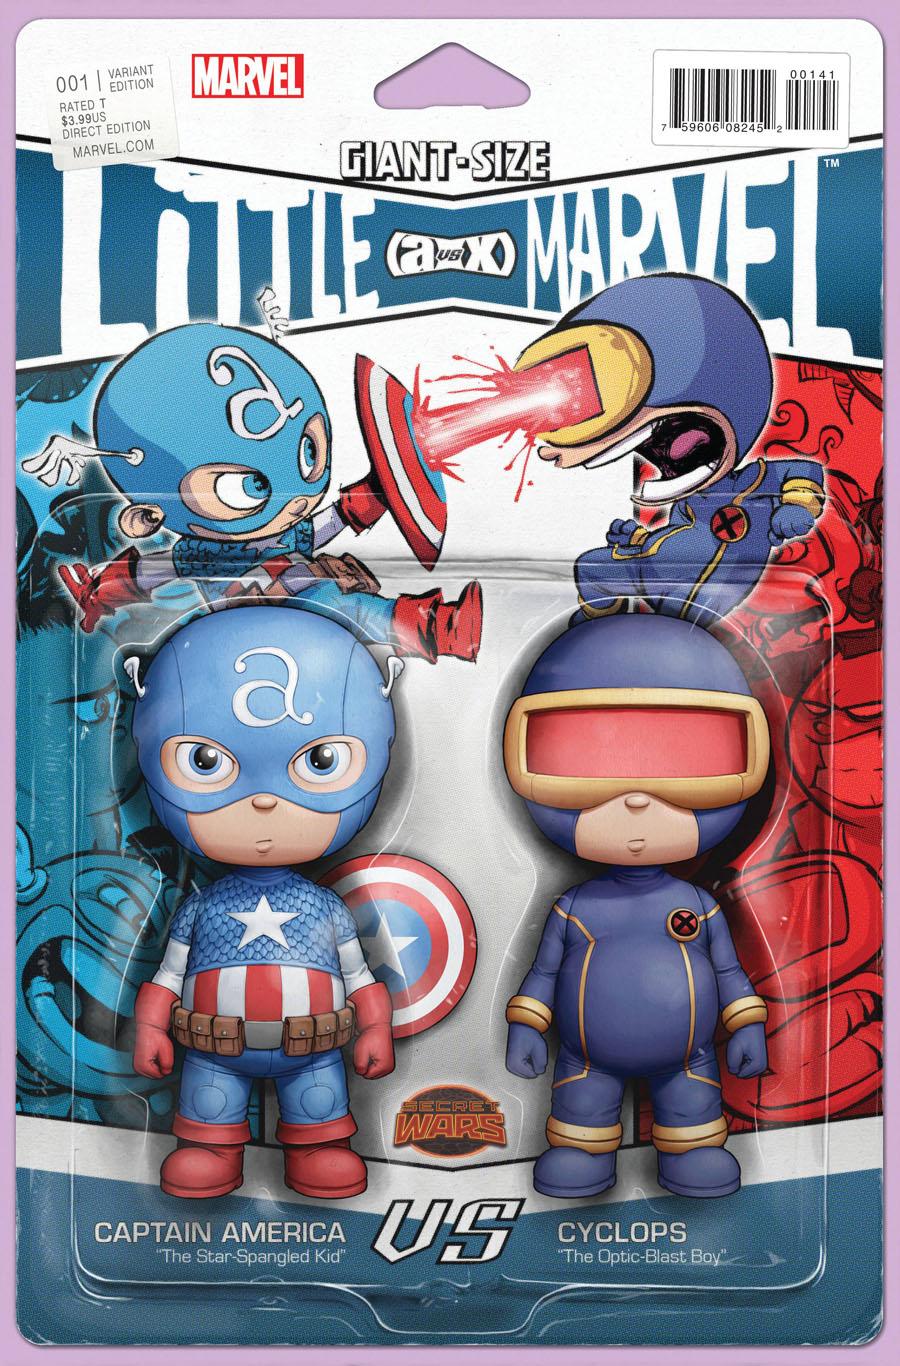 Giant-Size Little Marvel AvX #1 Cover B Variant John Tyler Christopher Action Figure Cover (Secret Wars Warzones Tie-In)